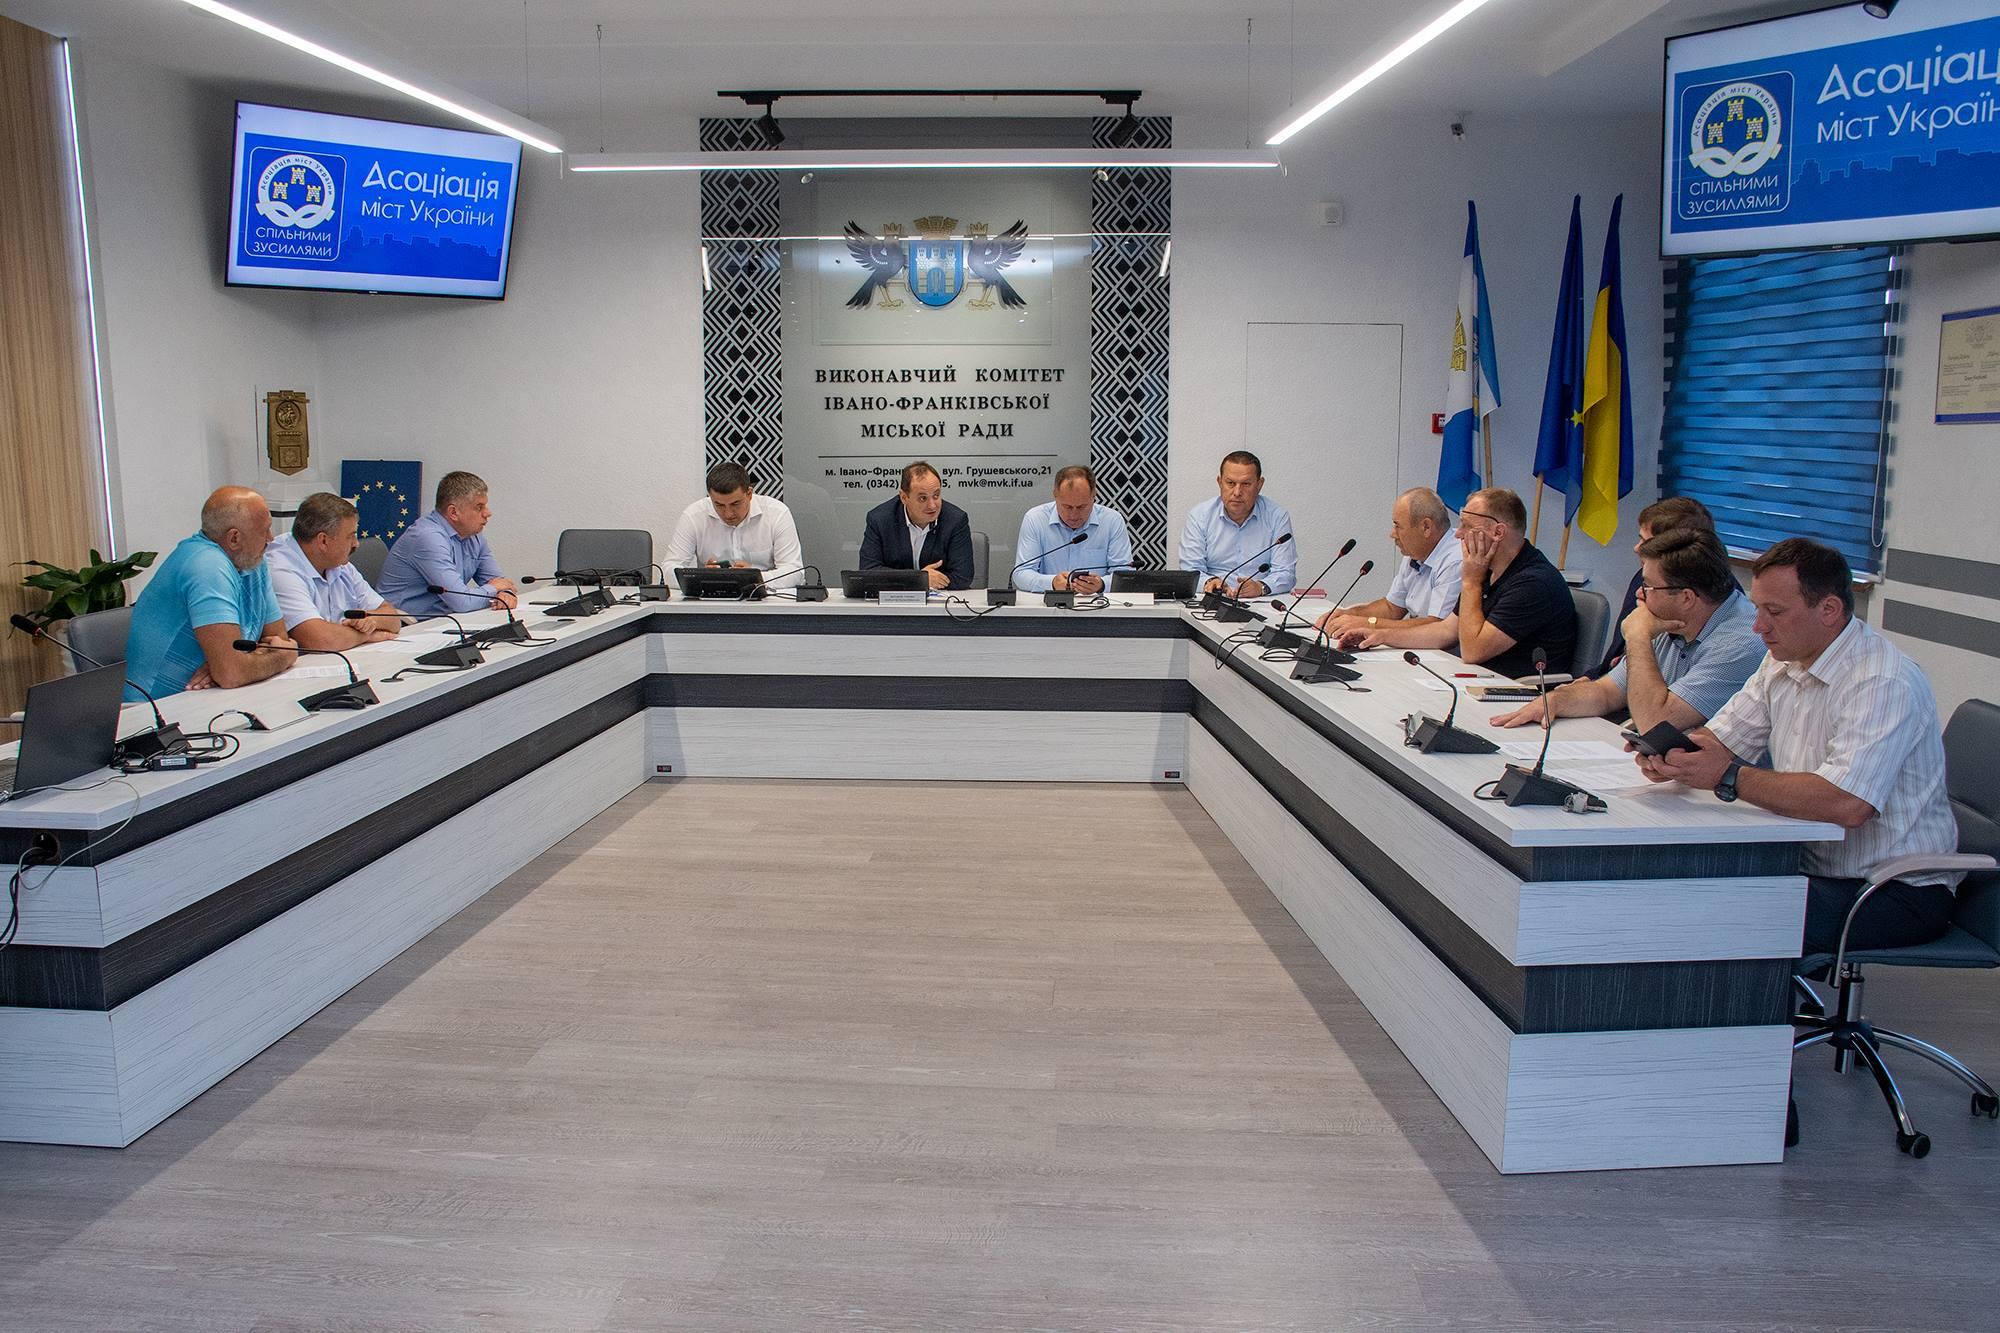 Голови прикарпатських громад обговорили головні проблеми та сформували спільну позицію (ФОТО)